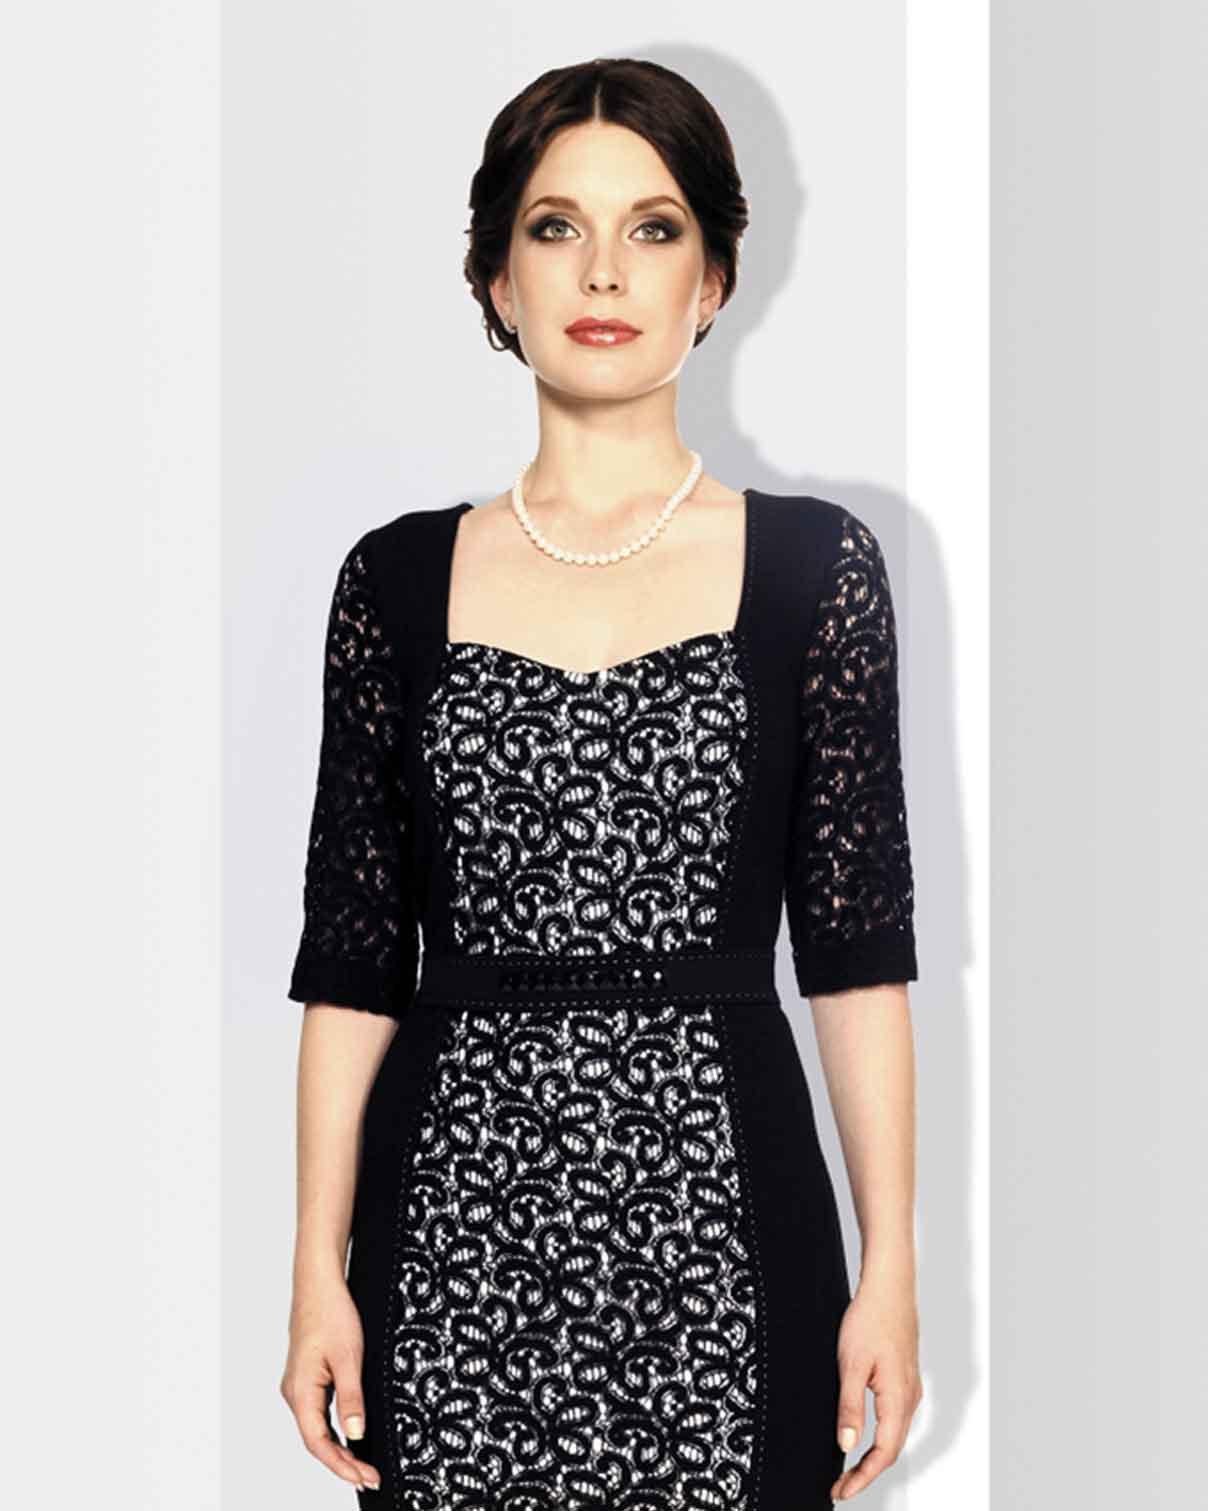 Женская Одежда Бьютифул Интернет Магазин